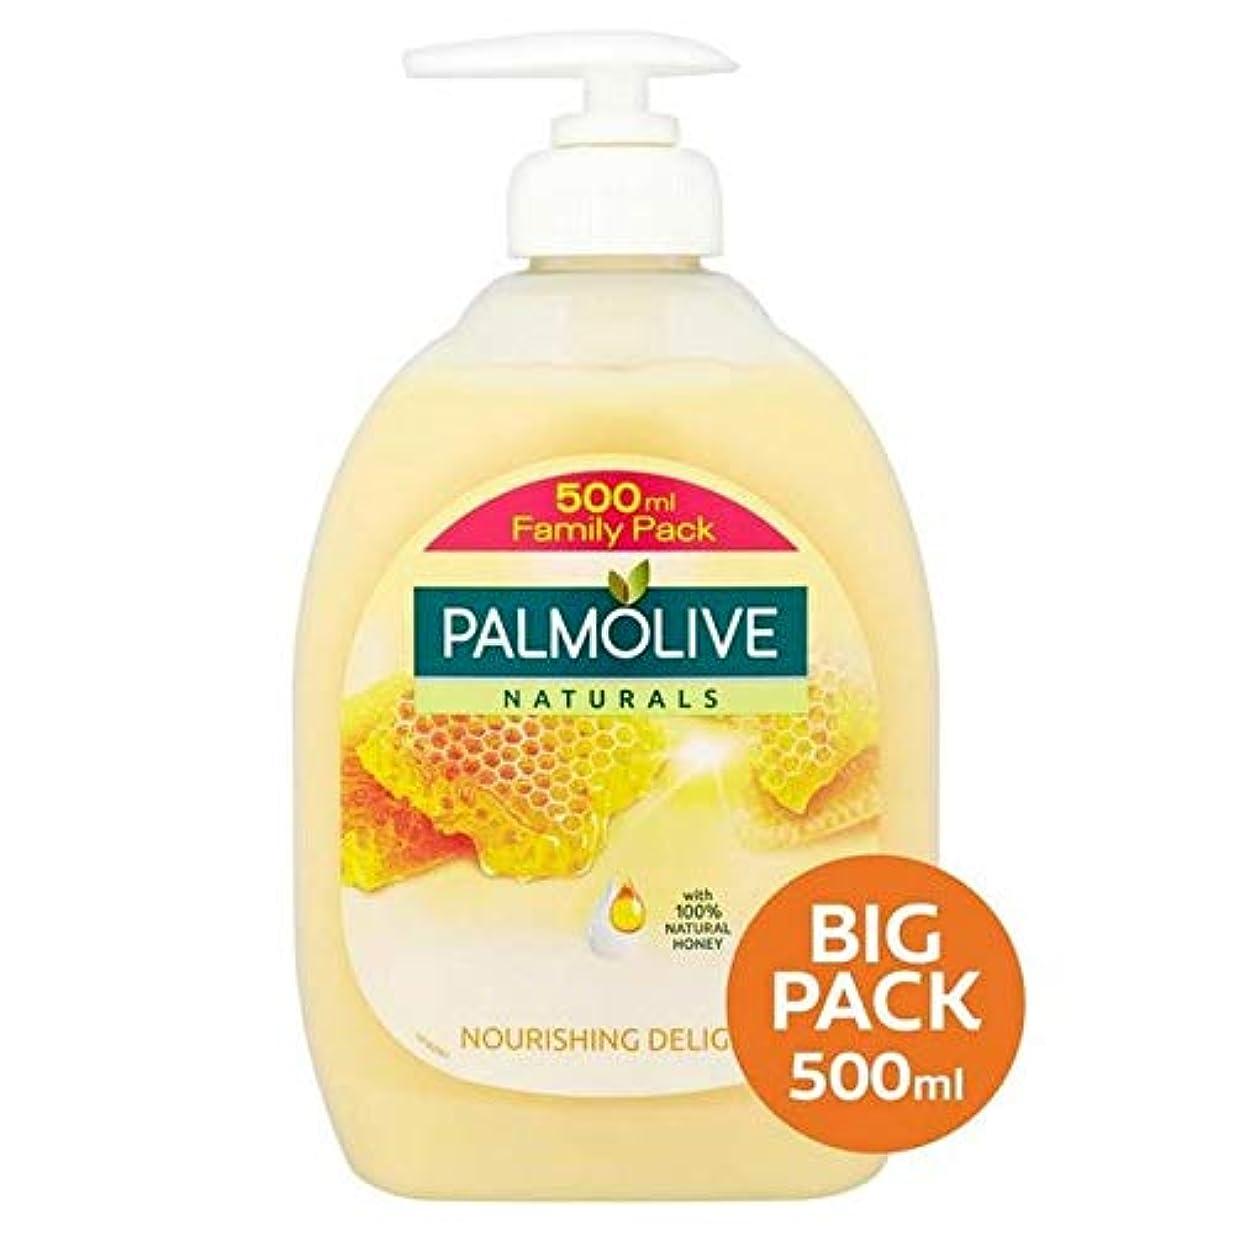 固める干渉する踊り子[Palmolive ] パルモライブナチュラルミルク&ハニーの手洗いの500ミリリットル - Palmolive Naturals Milk & Honey Handwash 500ml [並行輸入品]